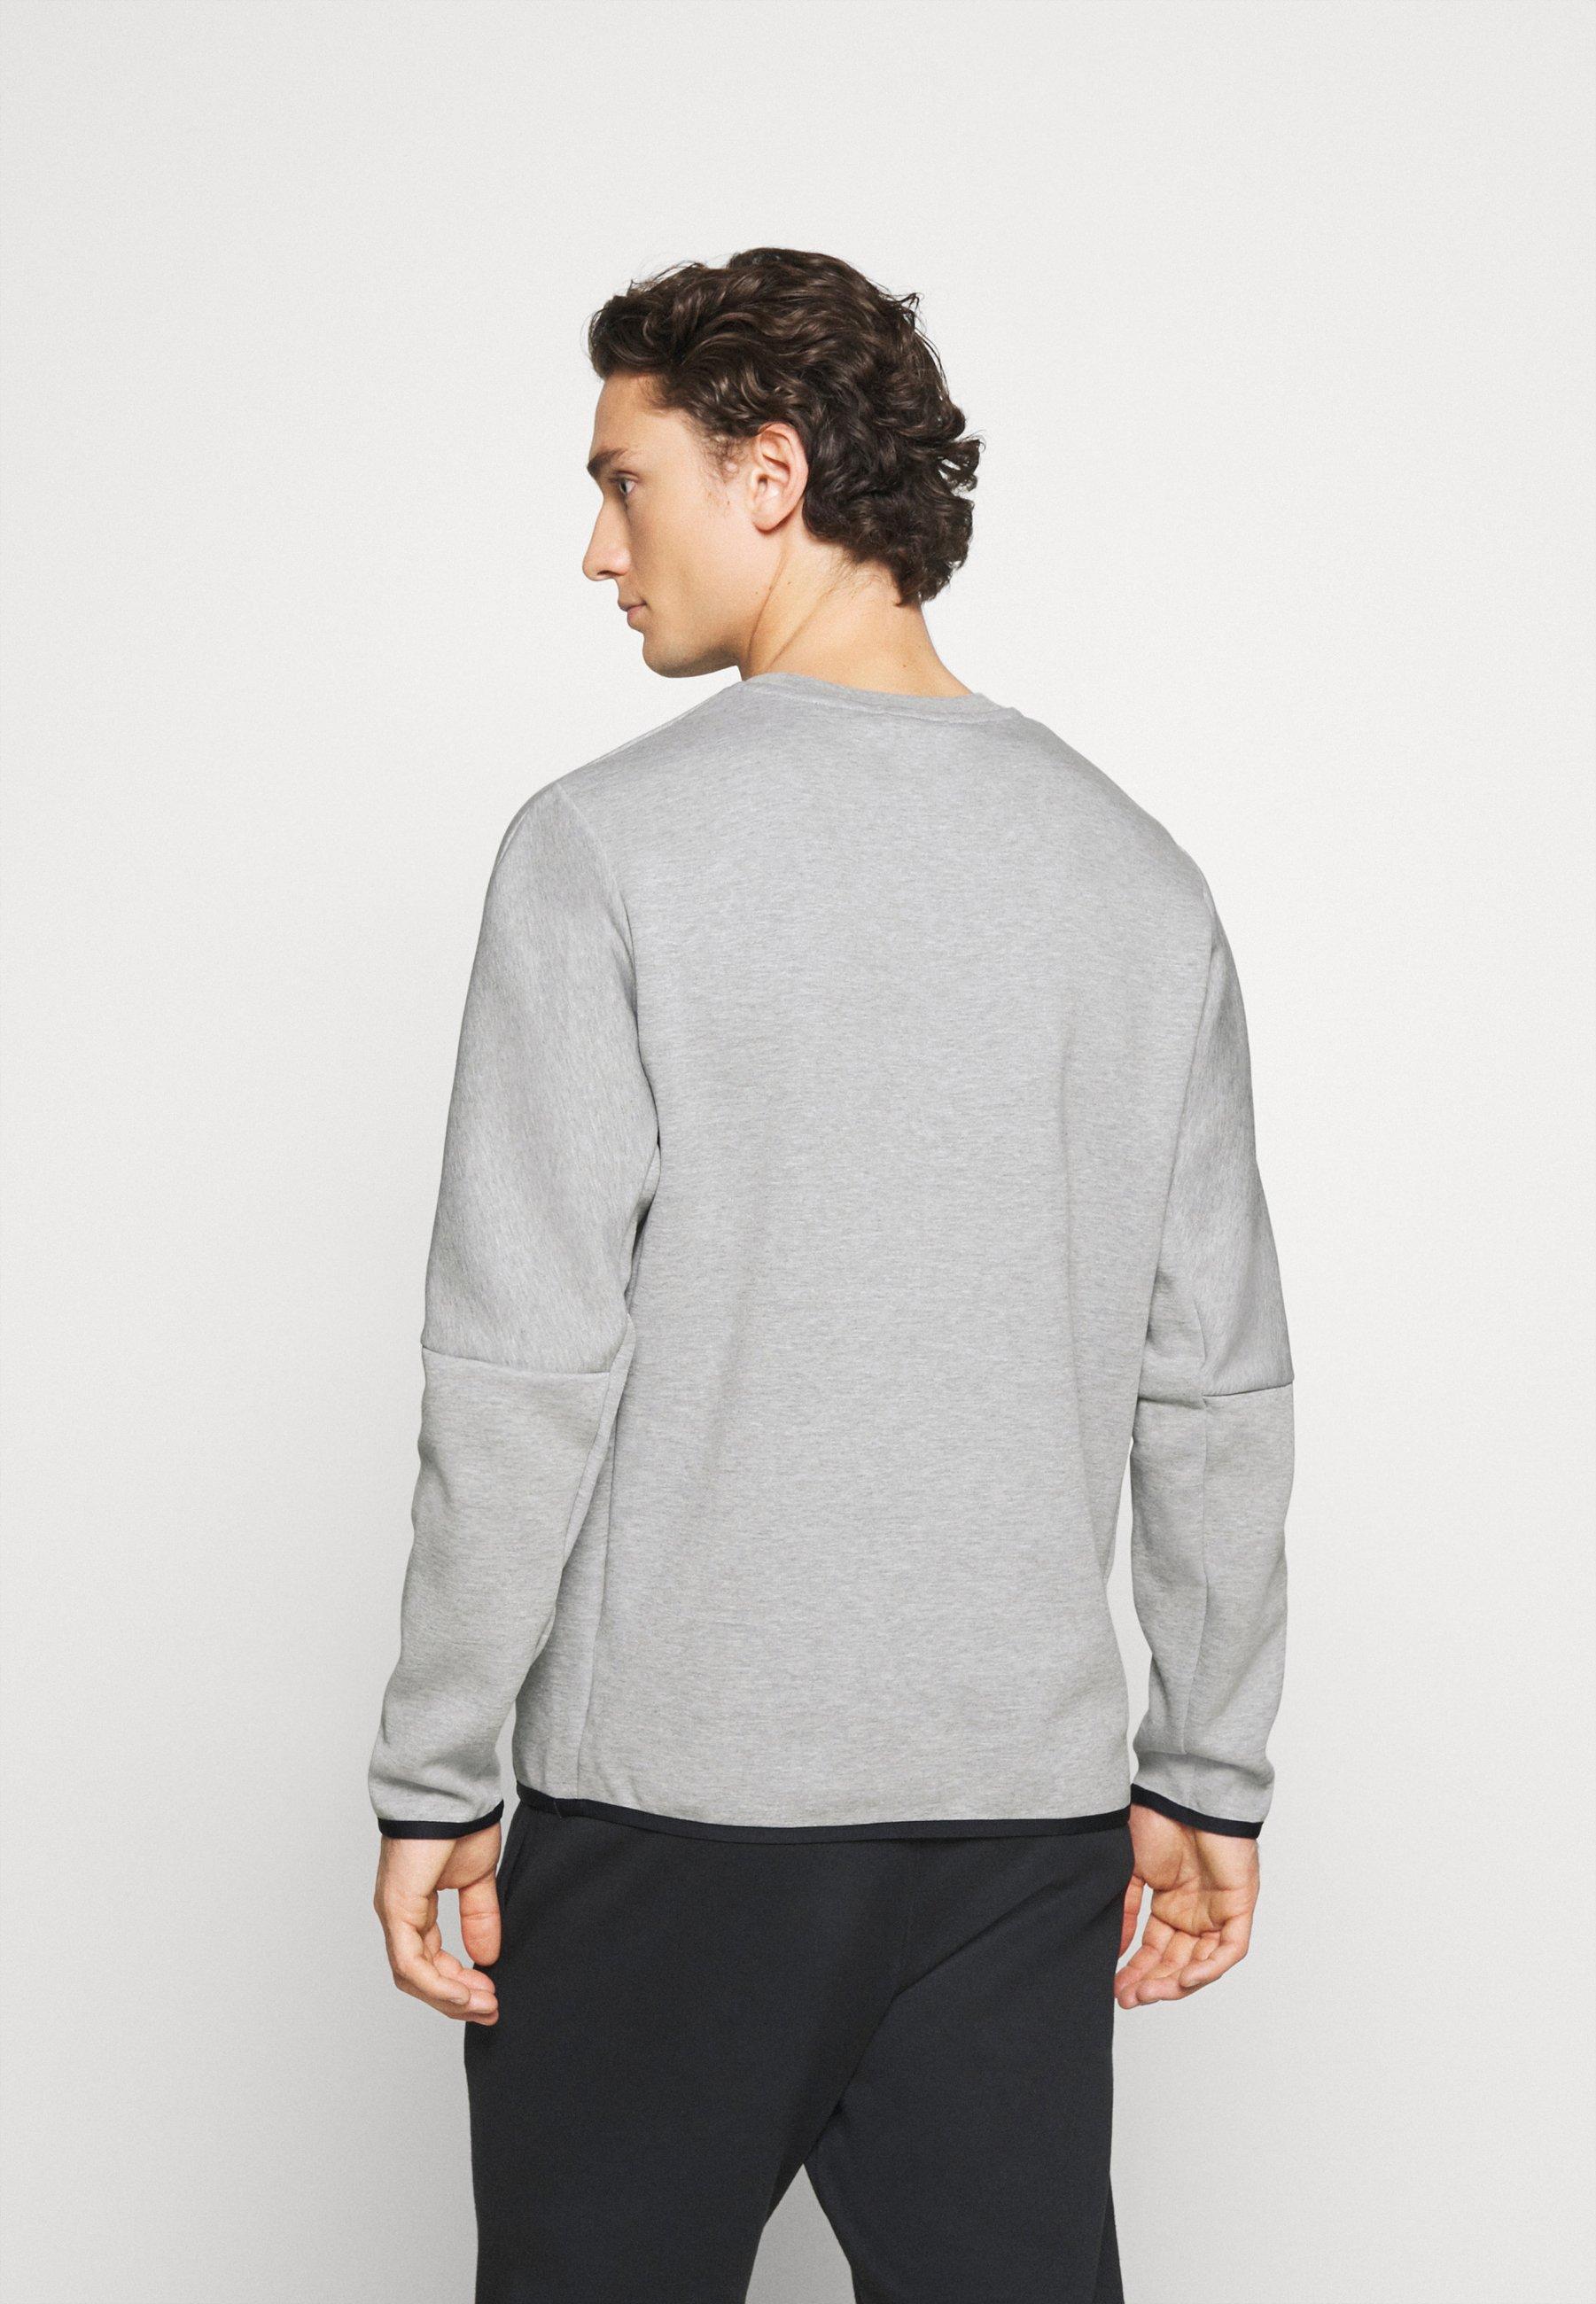 Aaa Quality Buy Men's Clothing Nike Sportswear Hoodie grey heather/black M0t6PweKa rnRV6cUk1